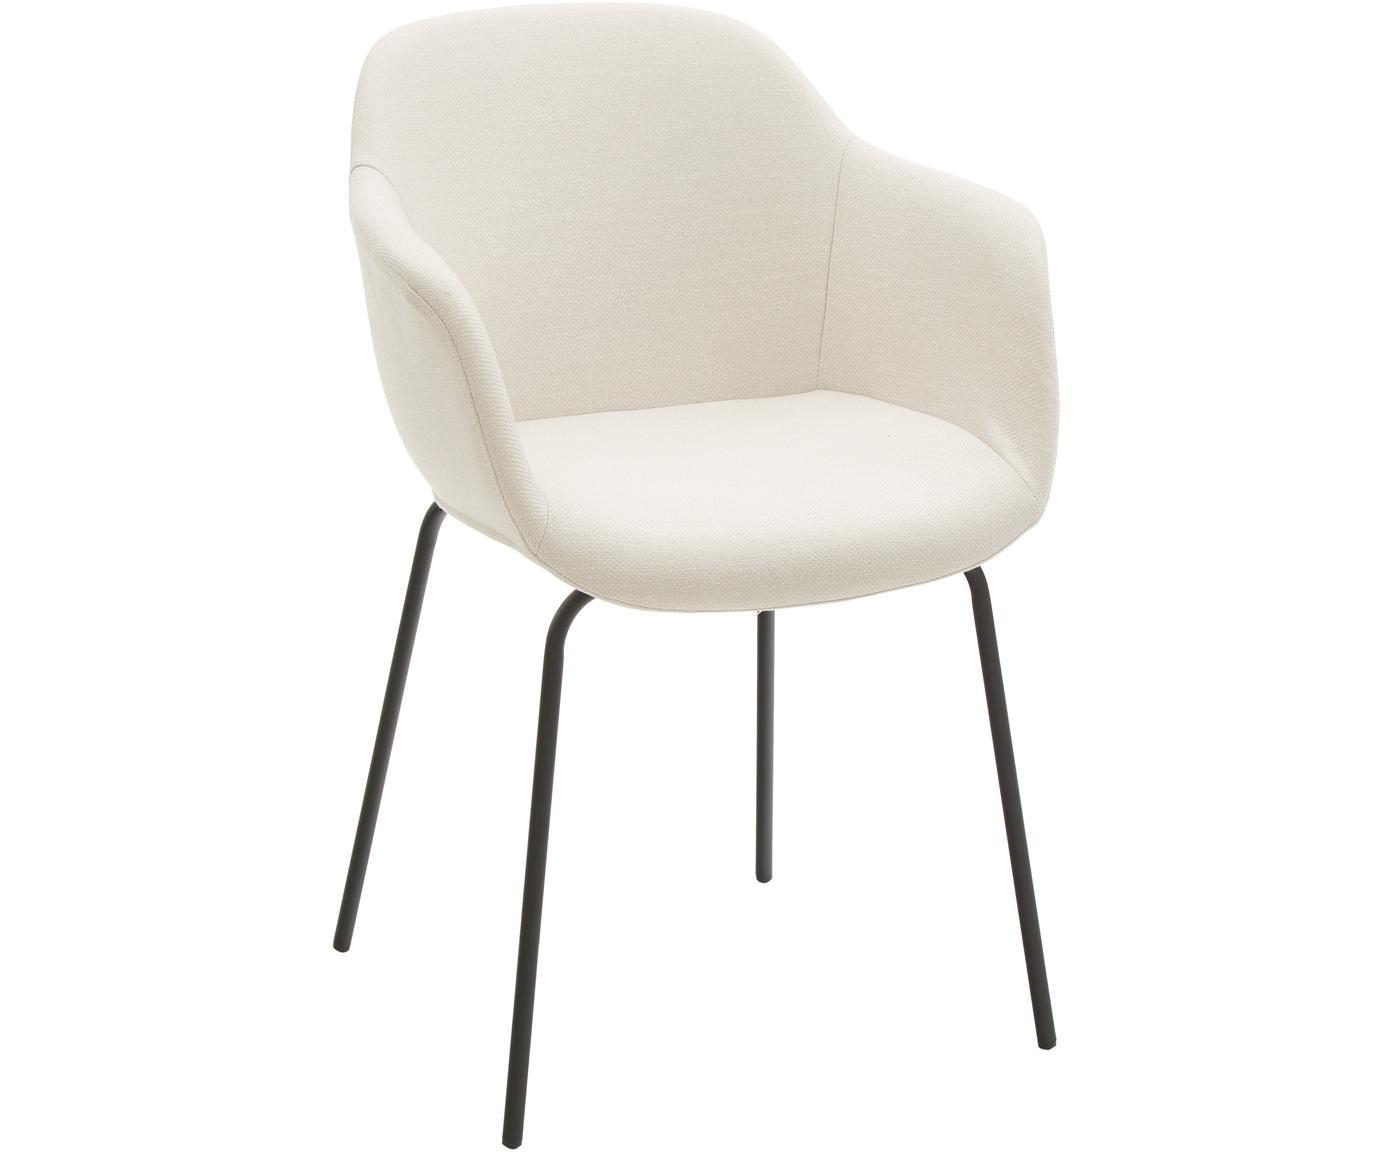 Armlehnstuhl Fiji mit Metallbeinen, Bezug: Polyester 40.000 scheuert, Beine: Metall, pulverbeschichtet, Sitzschale: Cremeweiss Beine: Schwarz, matt, B 58 x T 56 cm